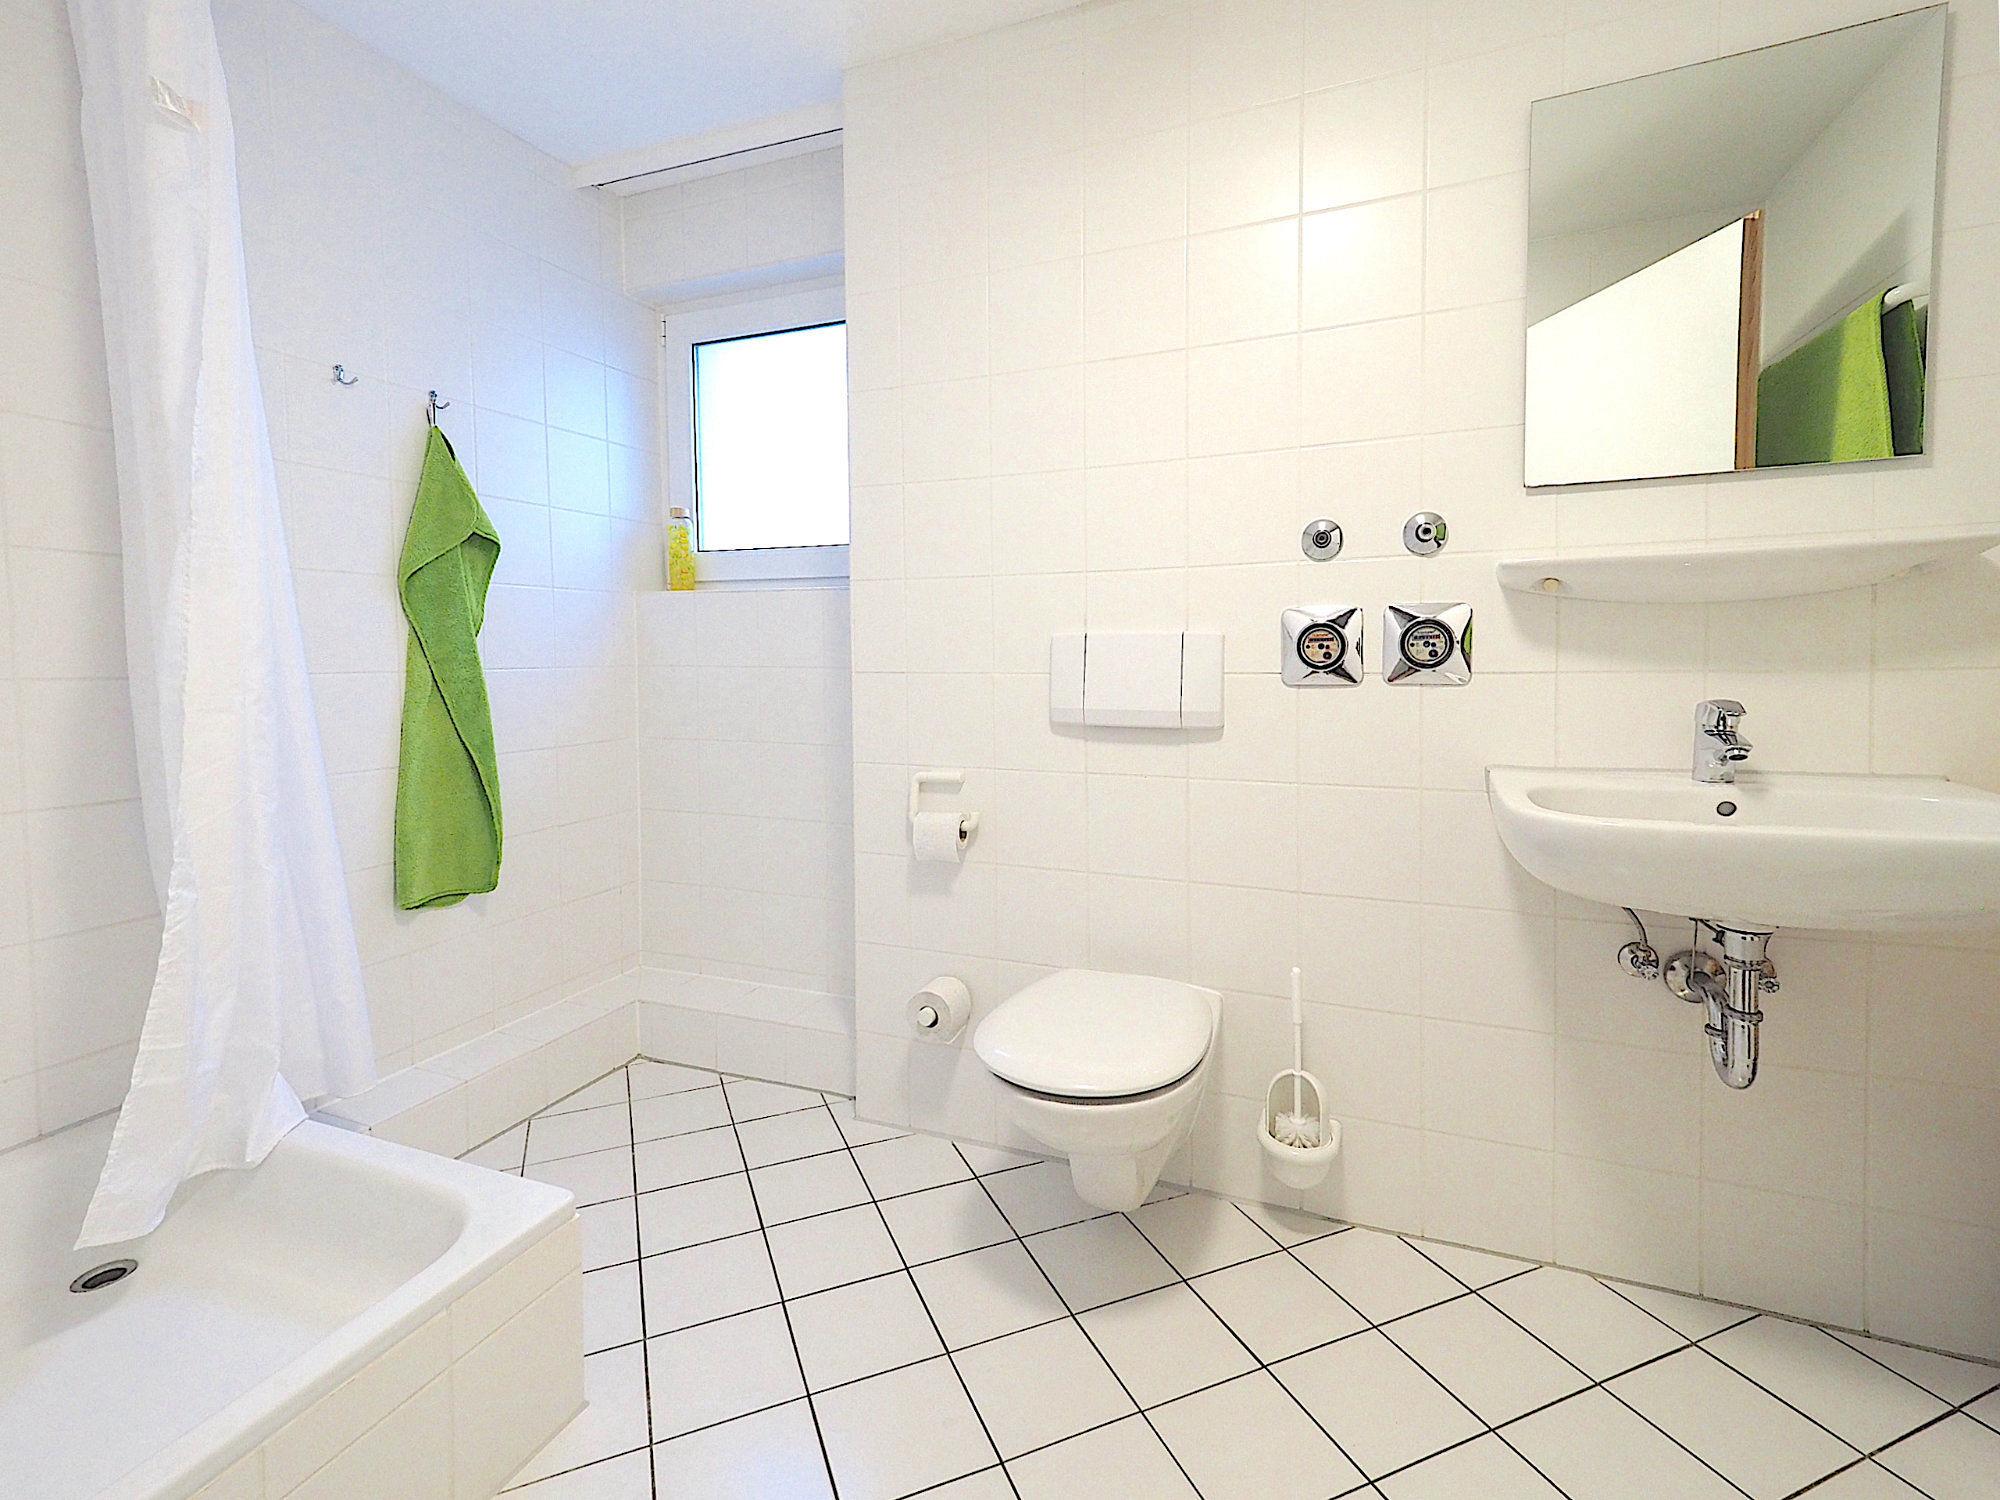 Duschbad mit Dusche, Fenster  WC und Waschbecken. Von links  nach rechts.